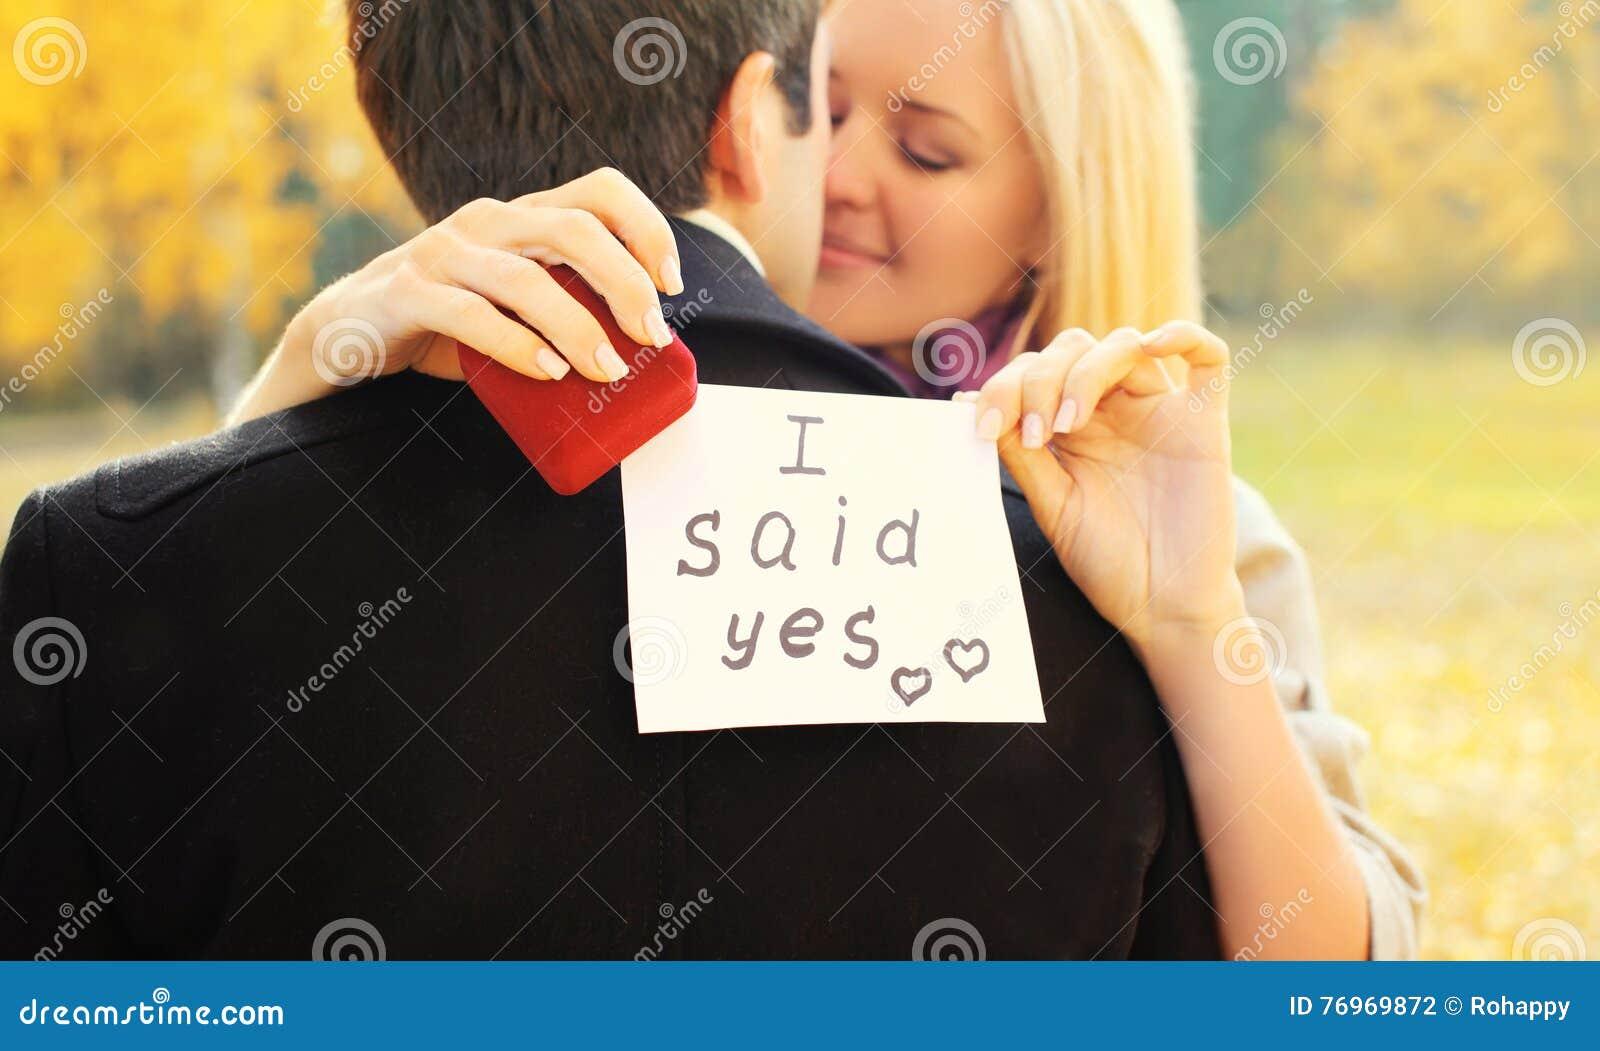 Αγάπη, σχέσεις, έννοια δέσμευσης και γάμου - ο άνδρας προτείνει μια γυναίκα για να παντρεψει, κόκκινο δαχτυλίδι κιβωτίων, ευτυχές